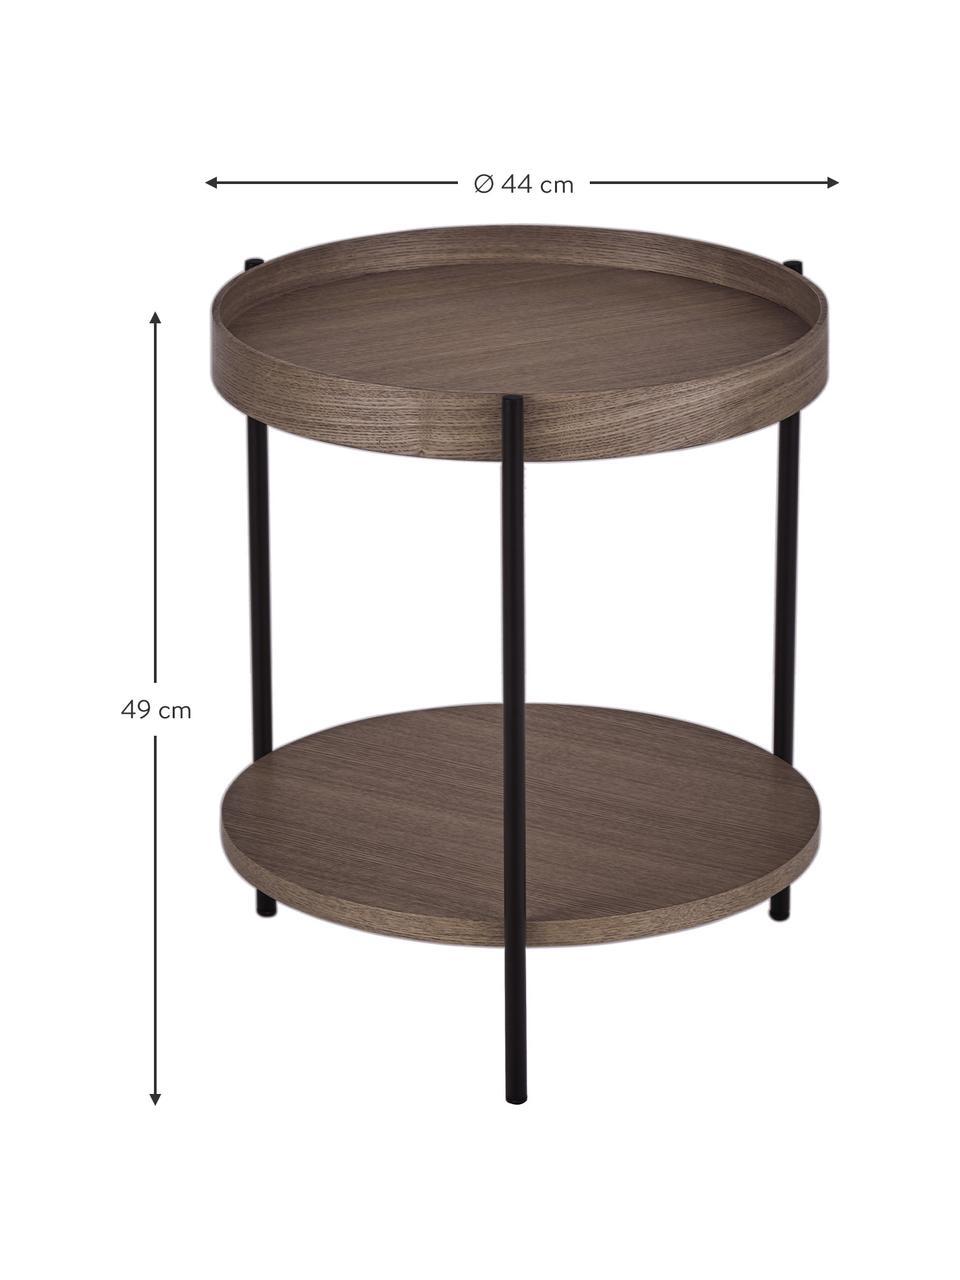 Table d'appoint ronde avec rangement Renee, Bois de noyer